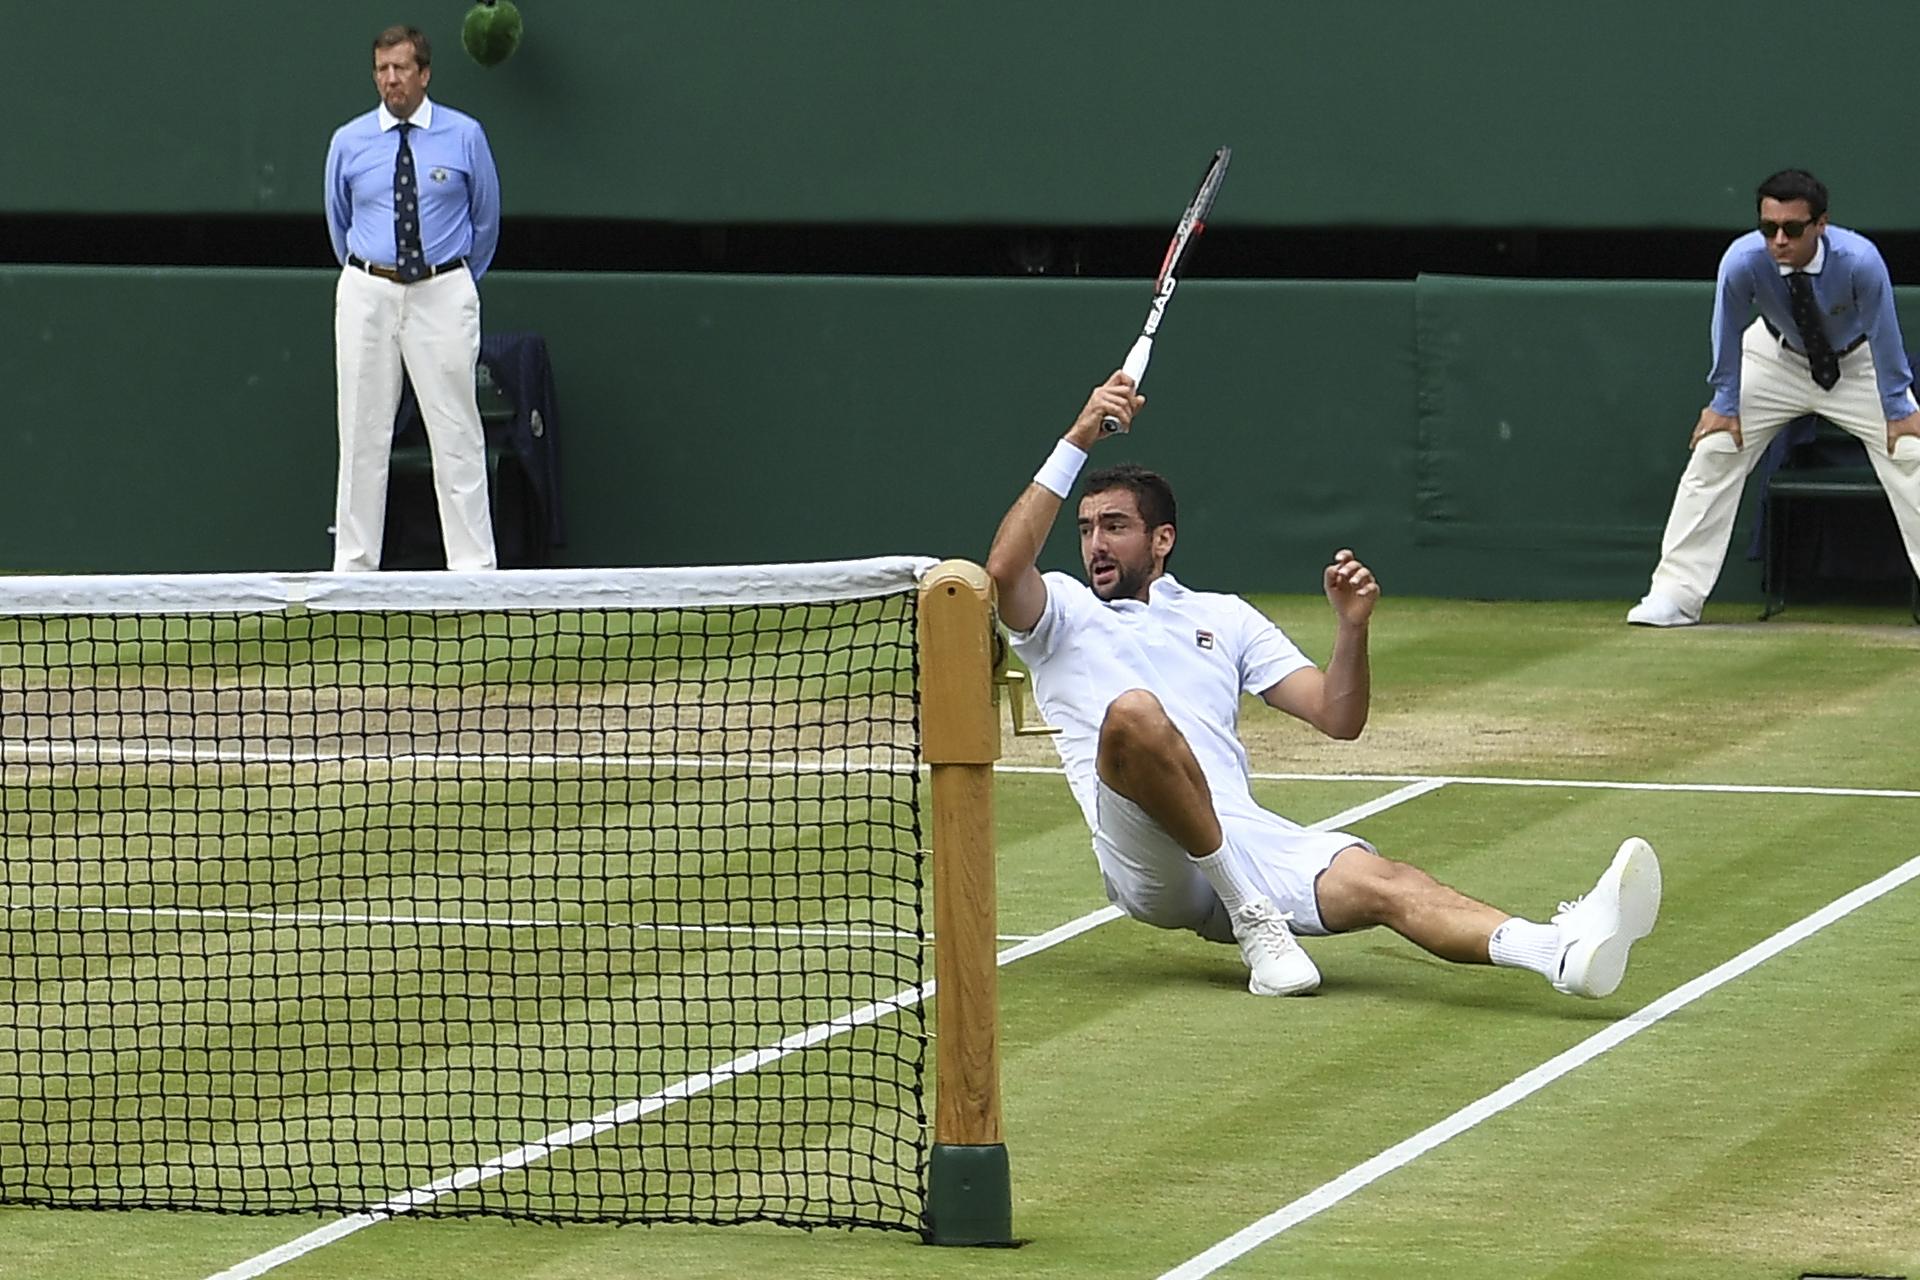 Cilic le pega desde el suelo. Todo parece difícil ante Roger